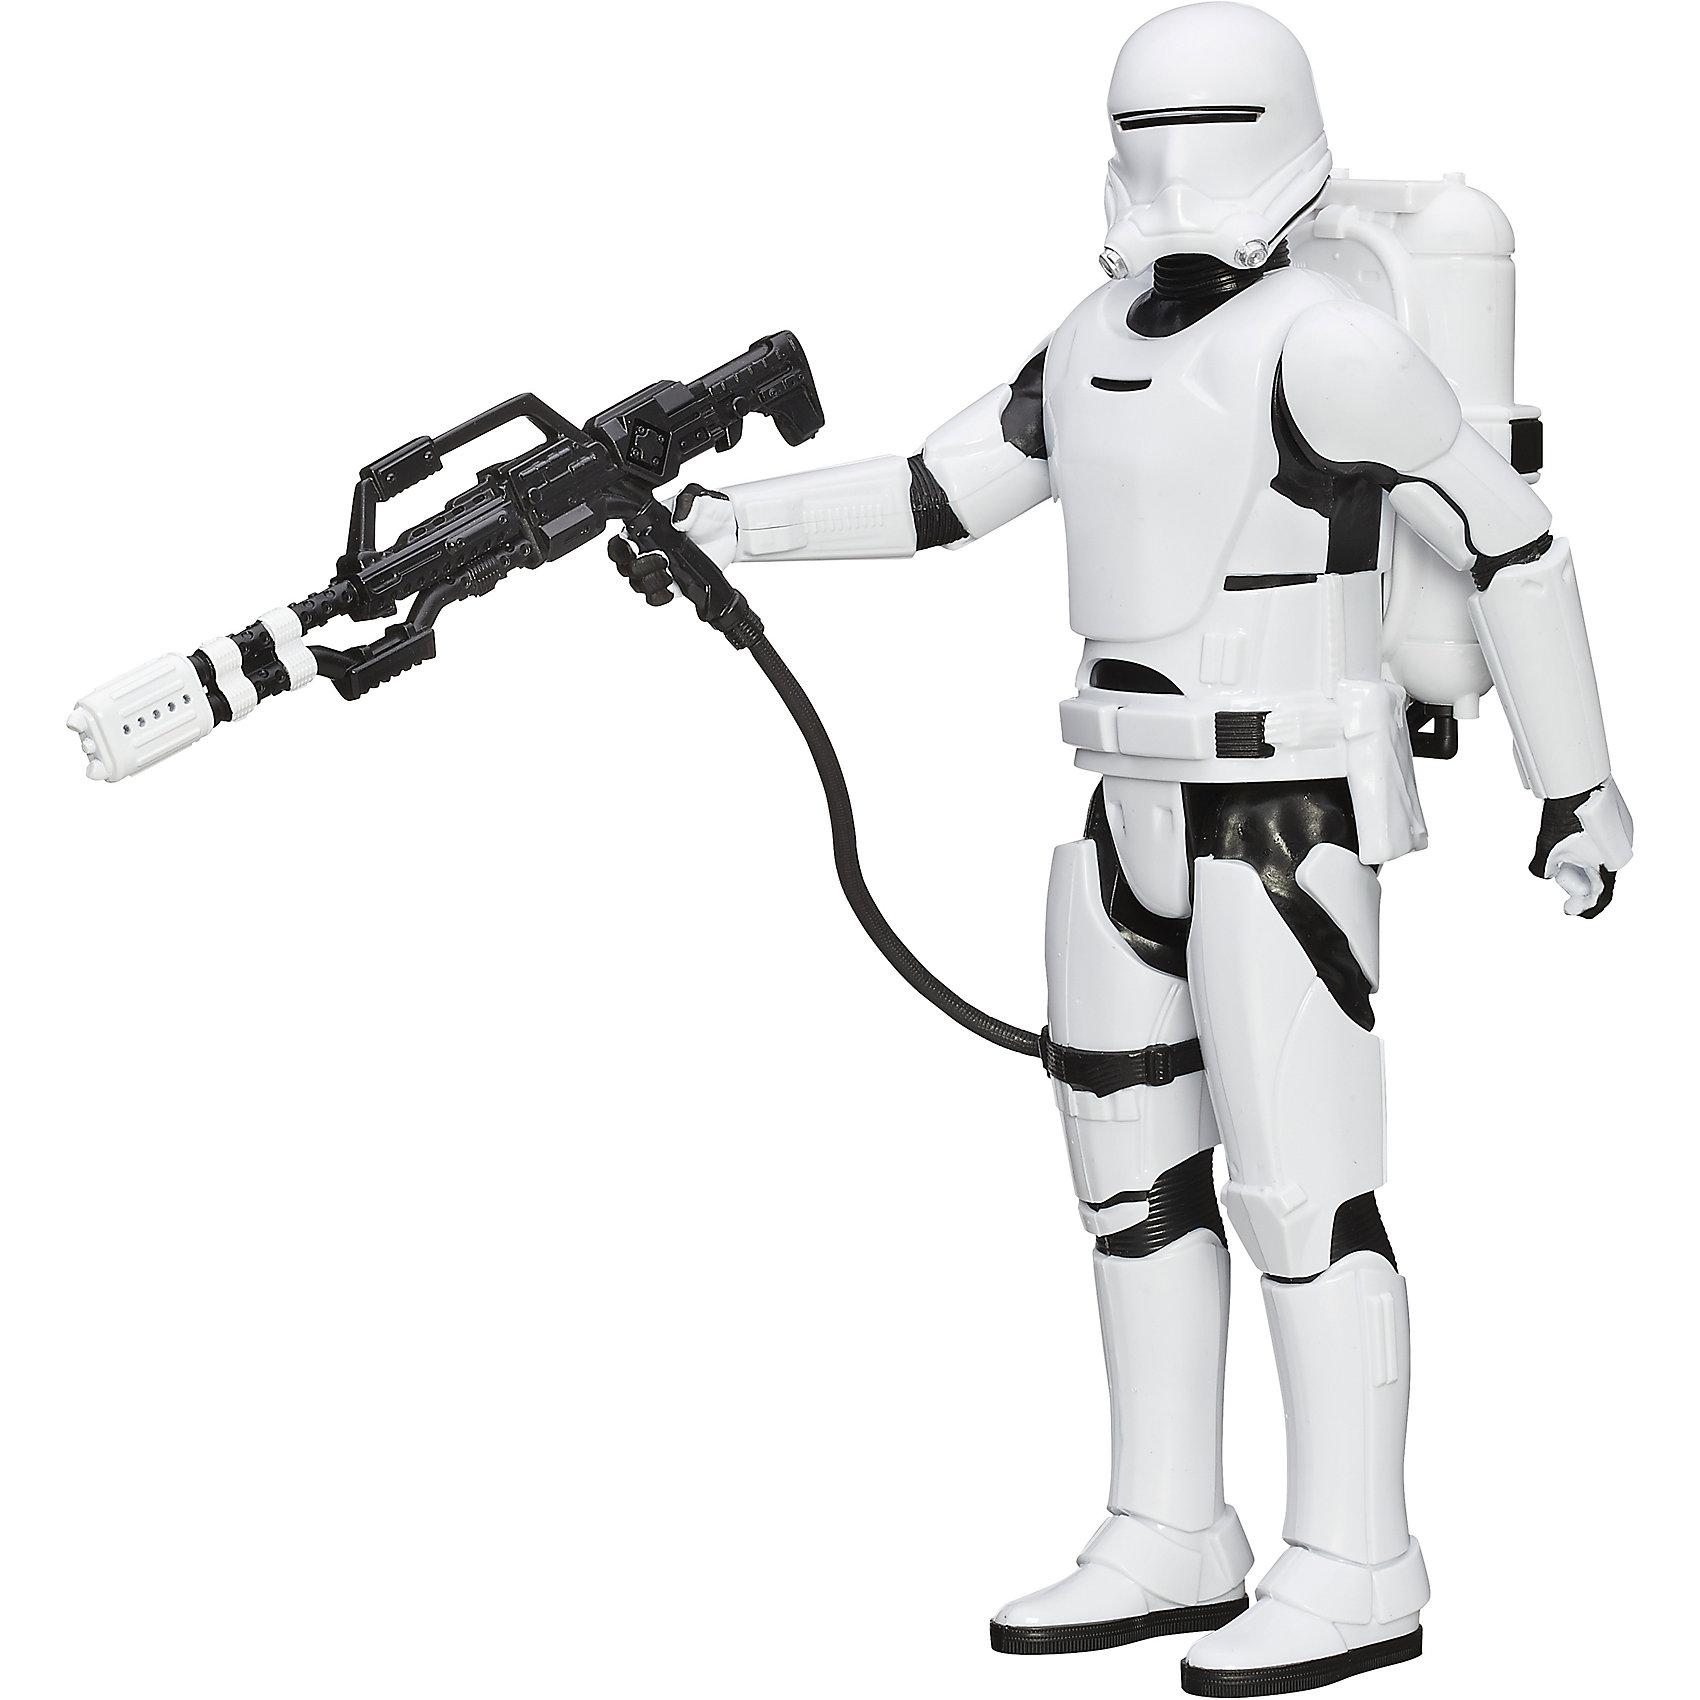 Титаны, с аксессуарами,  Звездные войны, B3914/B3916Титаны, с аксессуарами,  Звездные войны, в ассортименте – это превосходный подарок для поклонника Звёздных войн. Большая фигурка героя из серии Титаны Звездные войны выполнена полностью по образу и подобию своего героя-прототипа. Игрушка достигает в высоту целых 30 сантиметров. В ассортименте представлены два вида фигурок. Первая - фигурка Штурмовика-огнемётчика, одного из новых типов клонов-штурмовиков, которых мы увидим в седьмом эпизоде «Звездных войн». Это специализированные штурмовики, используемые Первым порядком через 30 лет после битвы при Эндоре. Данный тип солдат использует огнемётное оружие и носит традиционную белую броню. Вторая - замечательная фигурка всем нам хорошо знакомого и любимого вуки Чубакки, верного друга и помощника капитана Хана Соло. Они готовы к бою, благодаря доспехам и оружию.  Дополнительная информация:  - В наборе: фигурка персонажа, доспехи, оружие - В ассортименте 2 фигурки: Штурмовик и Чубакка - Высота фигурки: 30 см. - Материал: пластмасса - Размер упаковки: 30 x 16 x 6 см. - Вес: 320 гр. - ВНИМАНИЕ! Данный артикул представлен в разных вариантах исполнения. К сожалению, заранее выбрать определенный вариант невозможно. При заказе нескольких наборов возможно получение одинаковых  Набор Титаны, с аксессуарами,  Звездные войны (Star Wars), в ассортименте можно купить в нашем интернет-магазине.<br><br>Ширина мм: 310<br>Глубина мм: 172<br>Высота мм: 68<br>Вес г: 440<br>Возраст от месяцев: 48<br>Возраст до месяцев: 96<br>Пол: Мужской<br>Возраст: Детский<br>SKU: 4803340